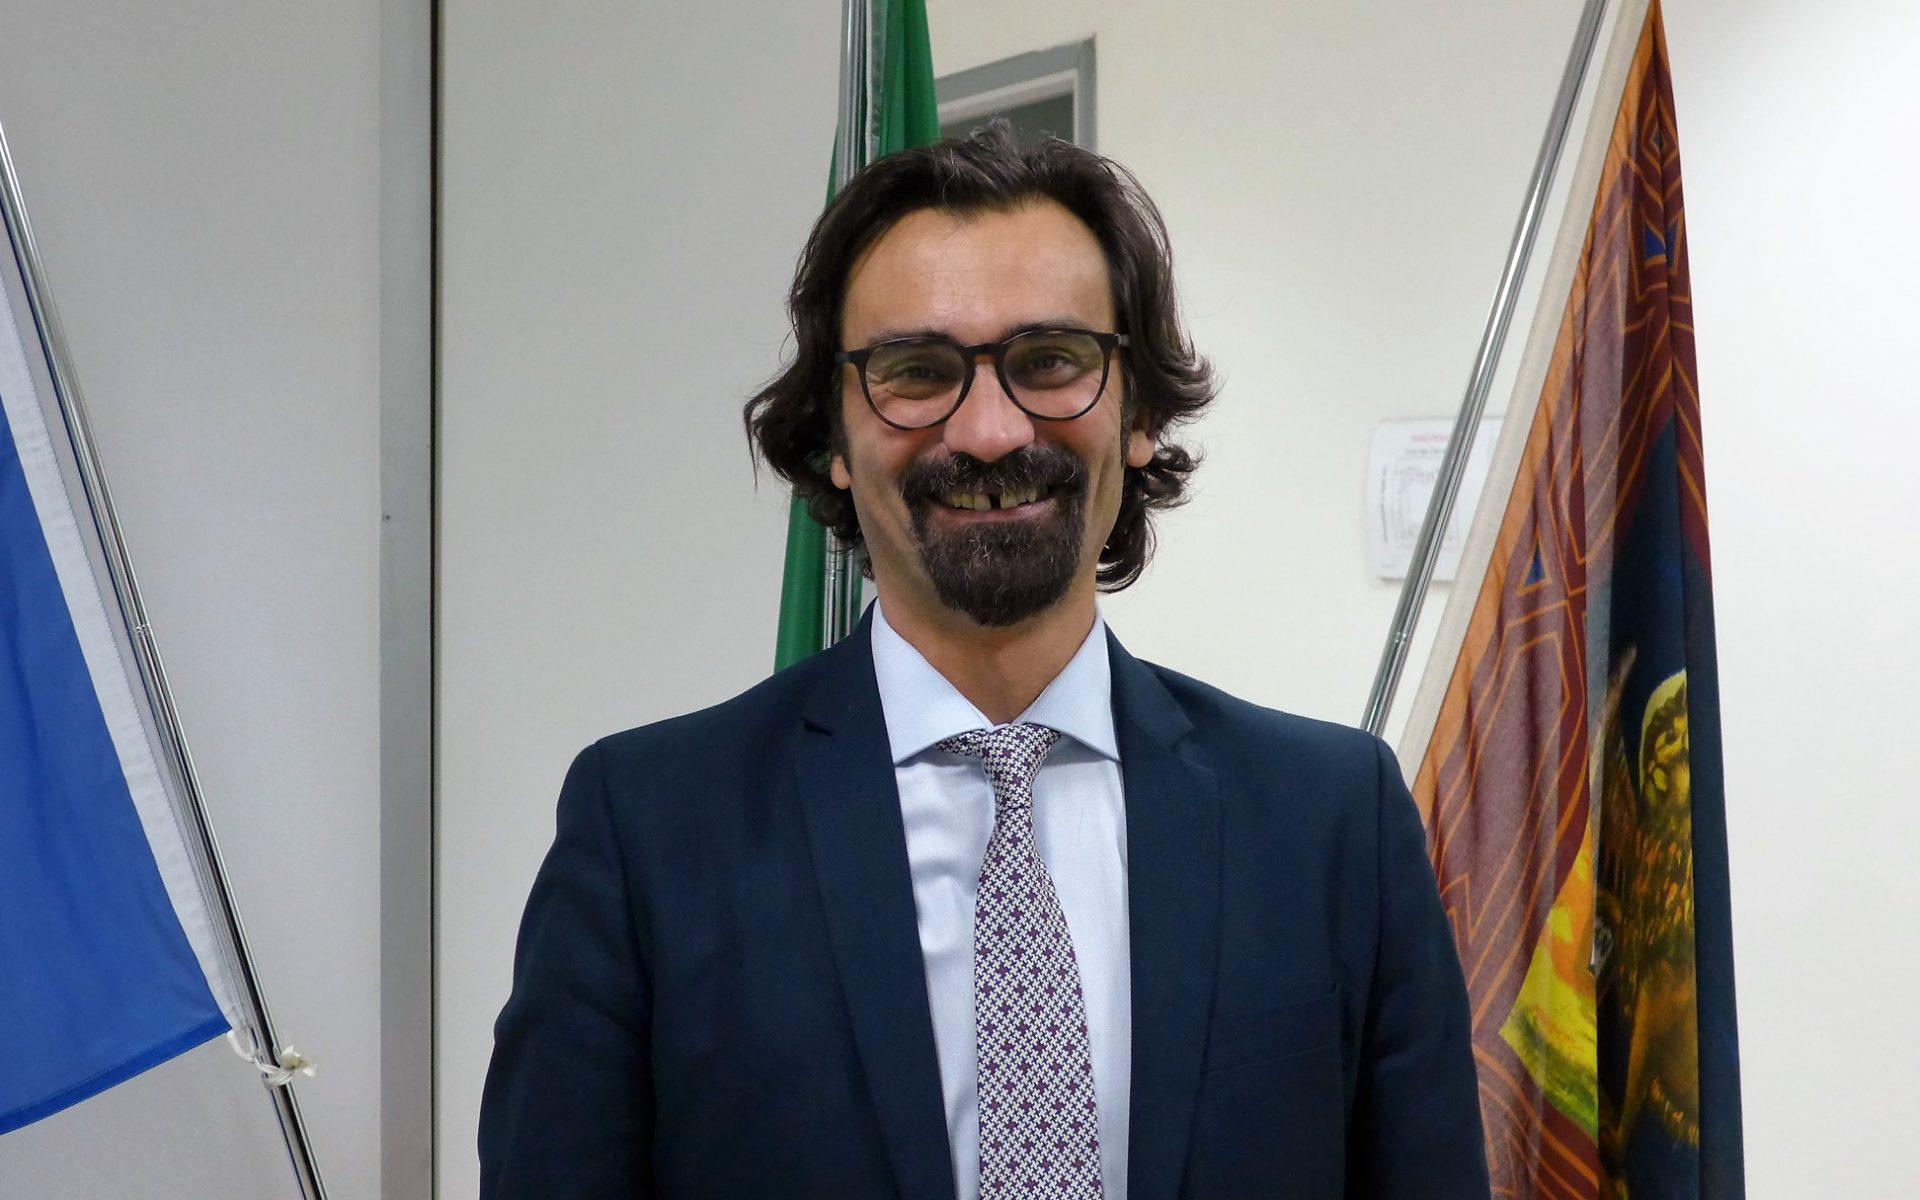 Il presidente della Provincia di Verona Manuel Scalzotto.